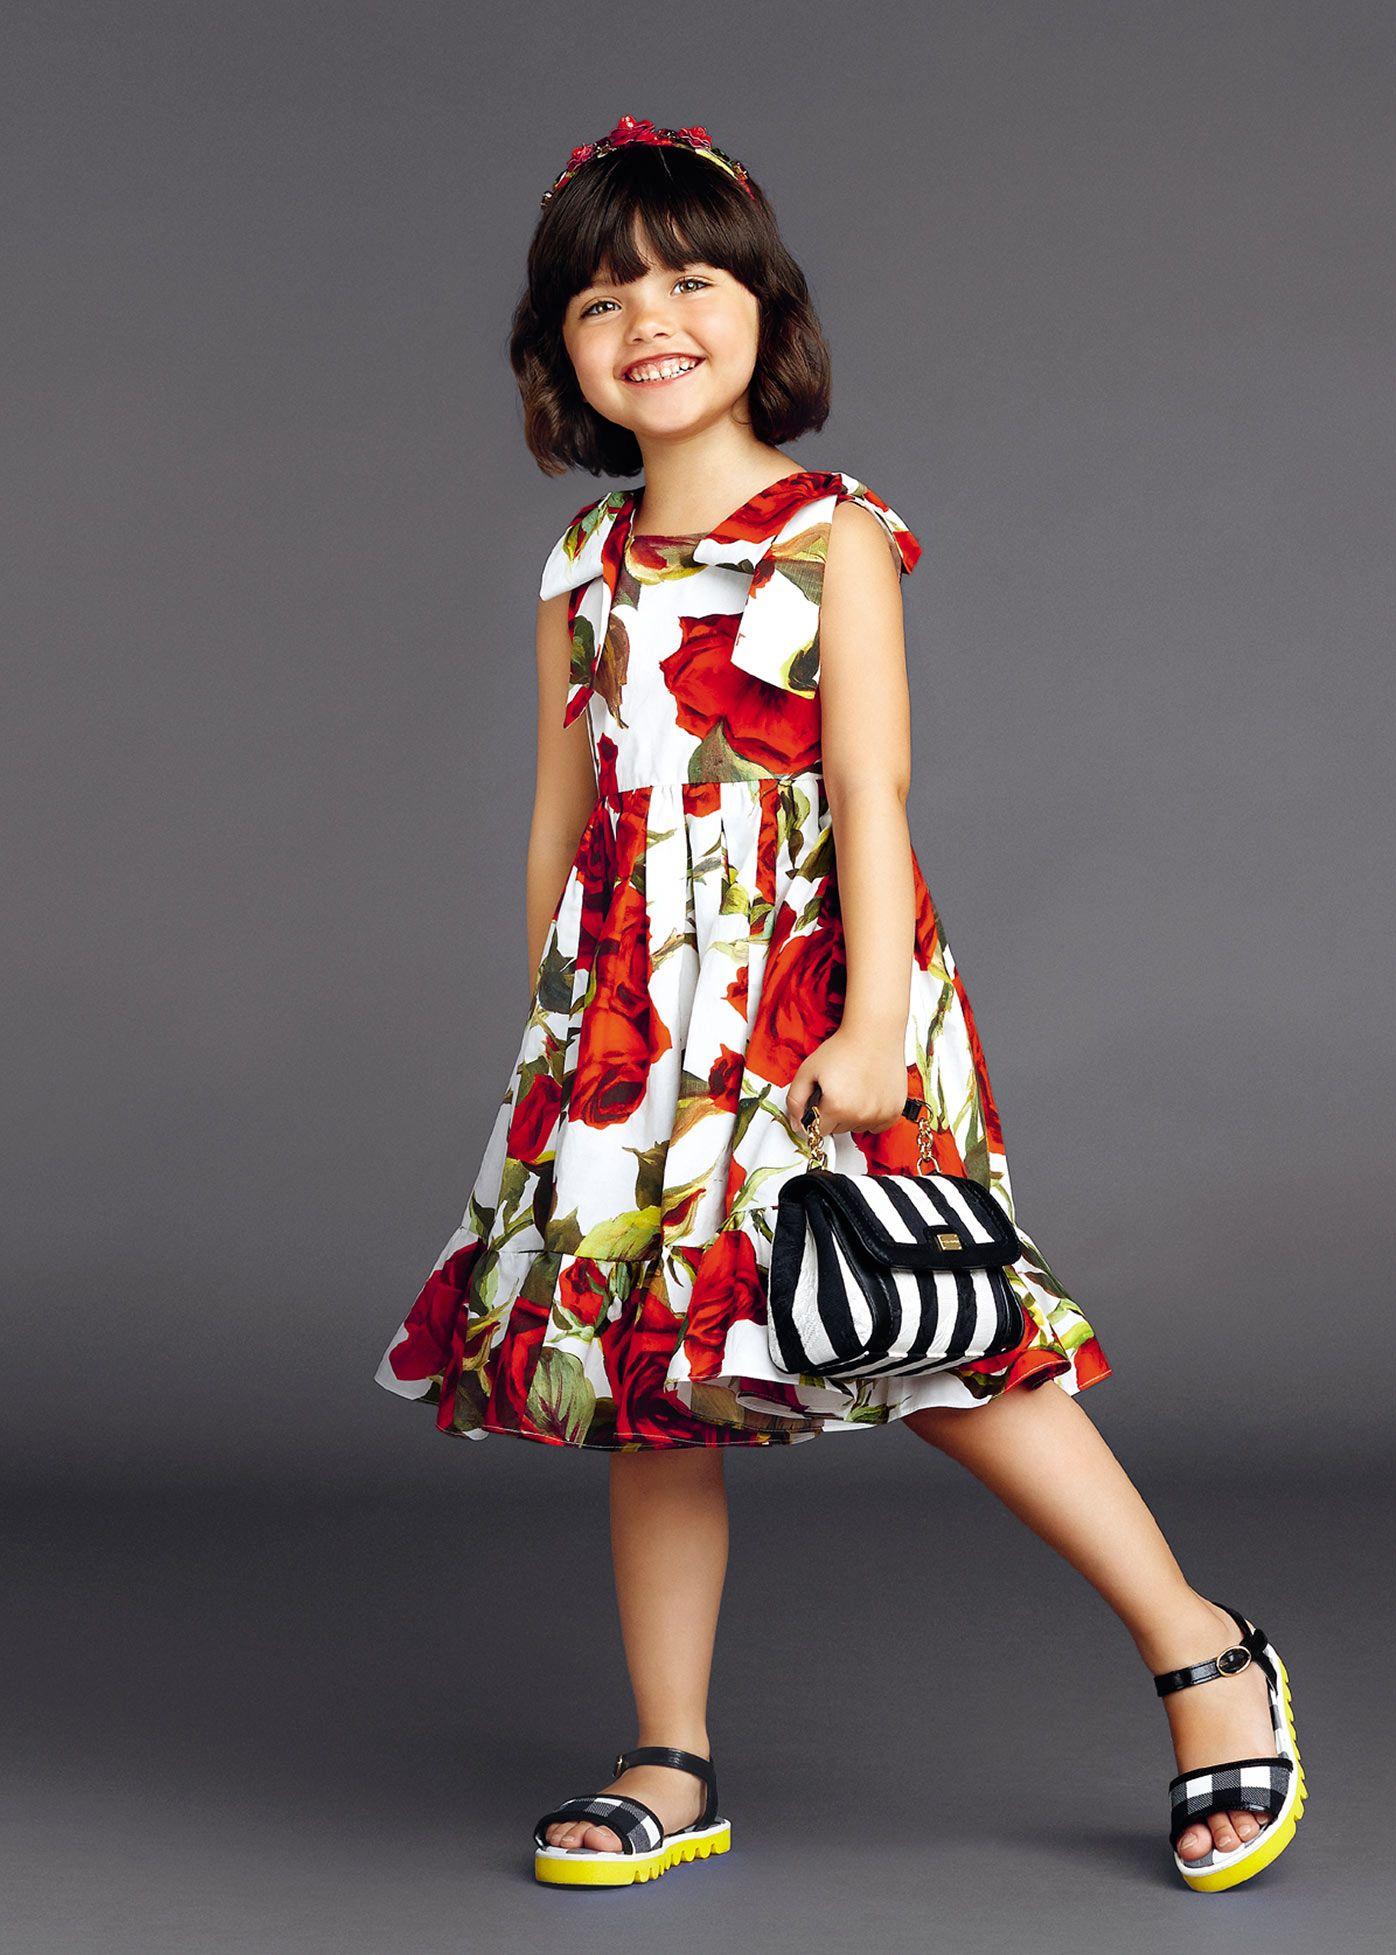 af5758852 Dolce & Gabbana Children Summer Collection 2015   Kids Wear in 2019 ...